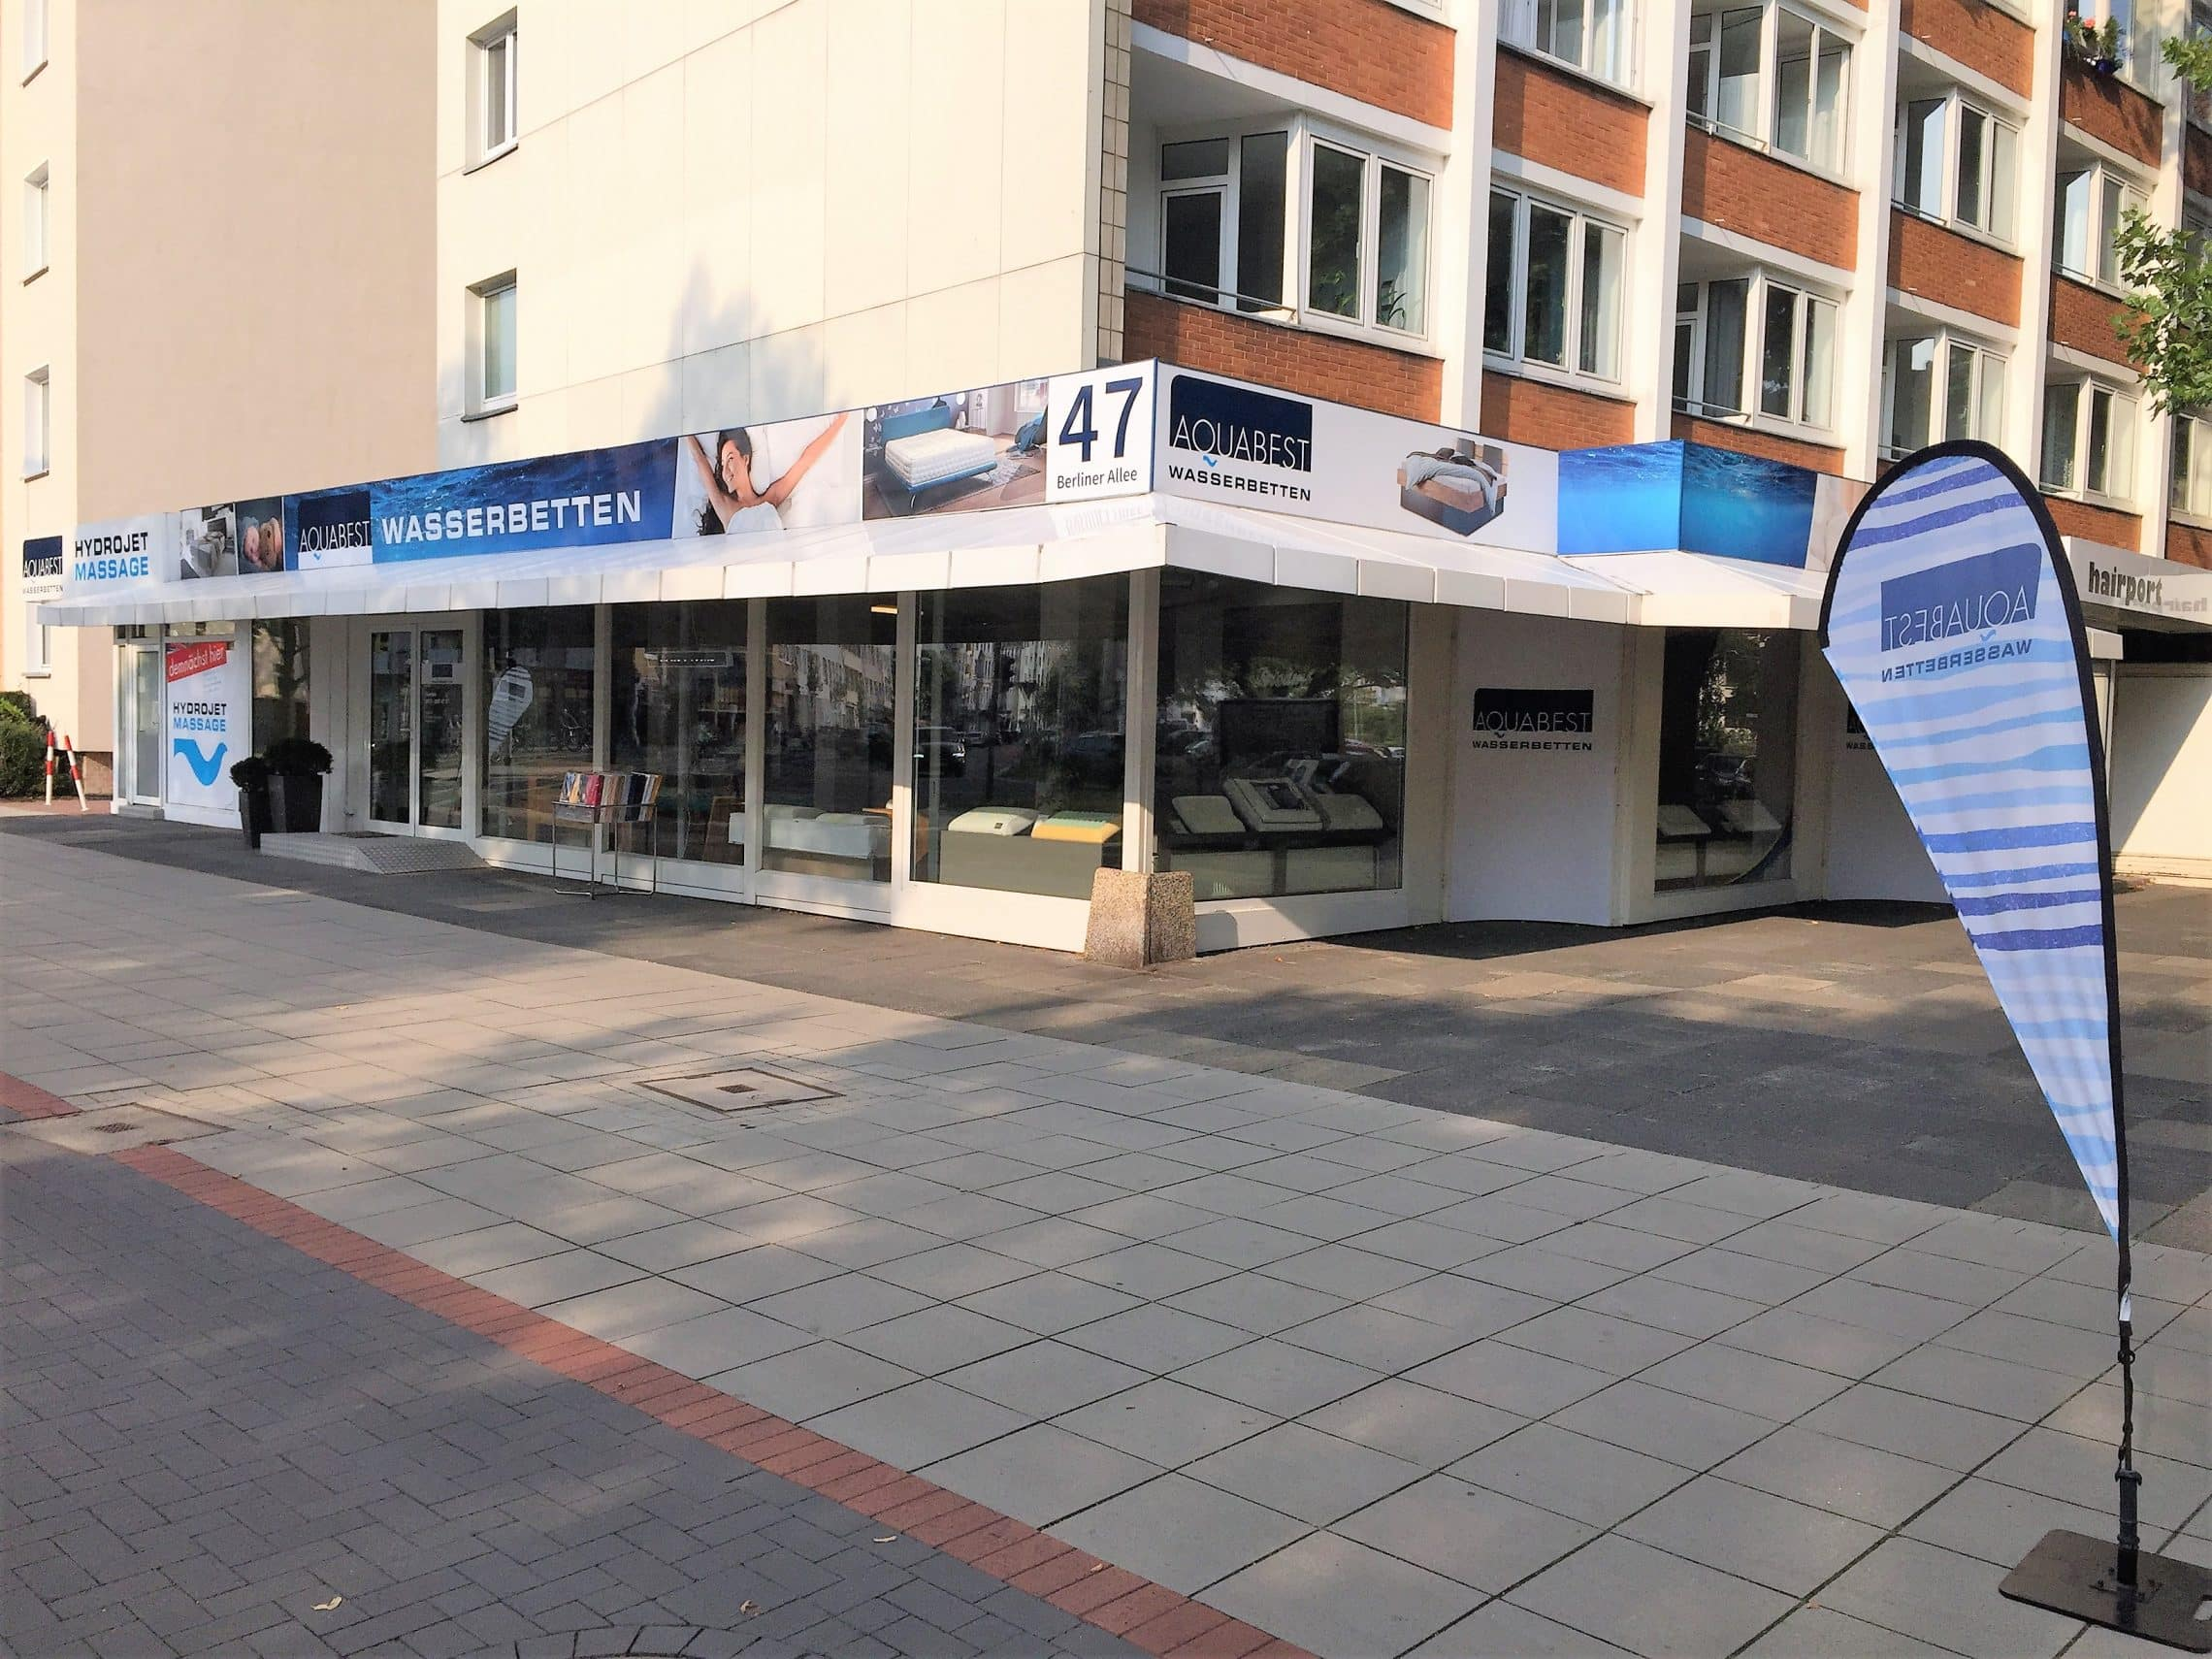 Style Hannover Aquabest Wasserbetten Store außen - AQUABEST Wasserbetten – von der Wüste ins Schlafzimmer ...